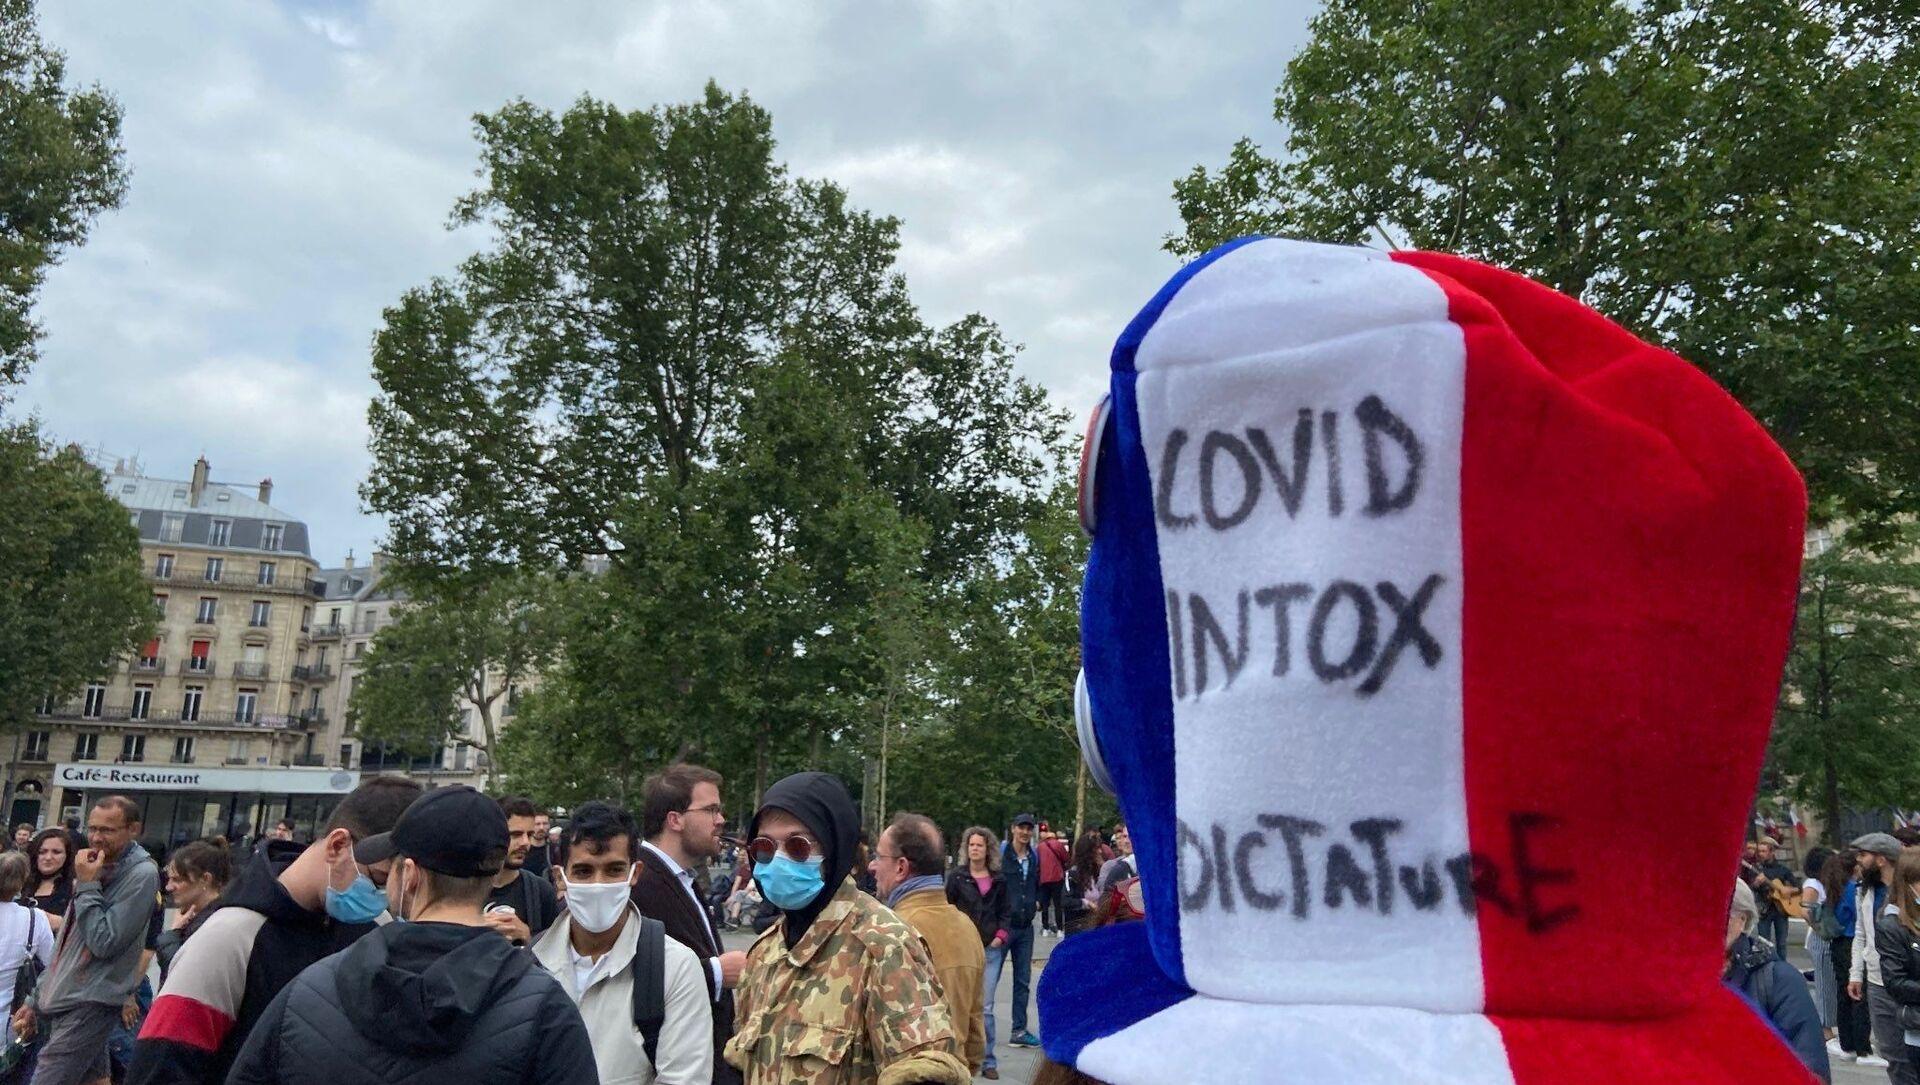 Manifestation contre le pass sanitaire, place de la République à Paris, 14 juillet 2021 - Sputnik France, 1920, 27.08.2021